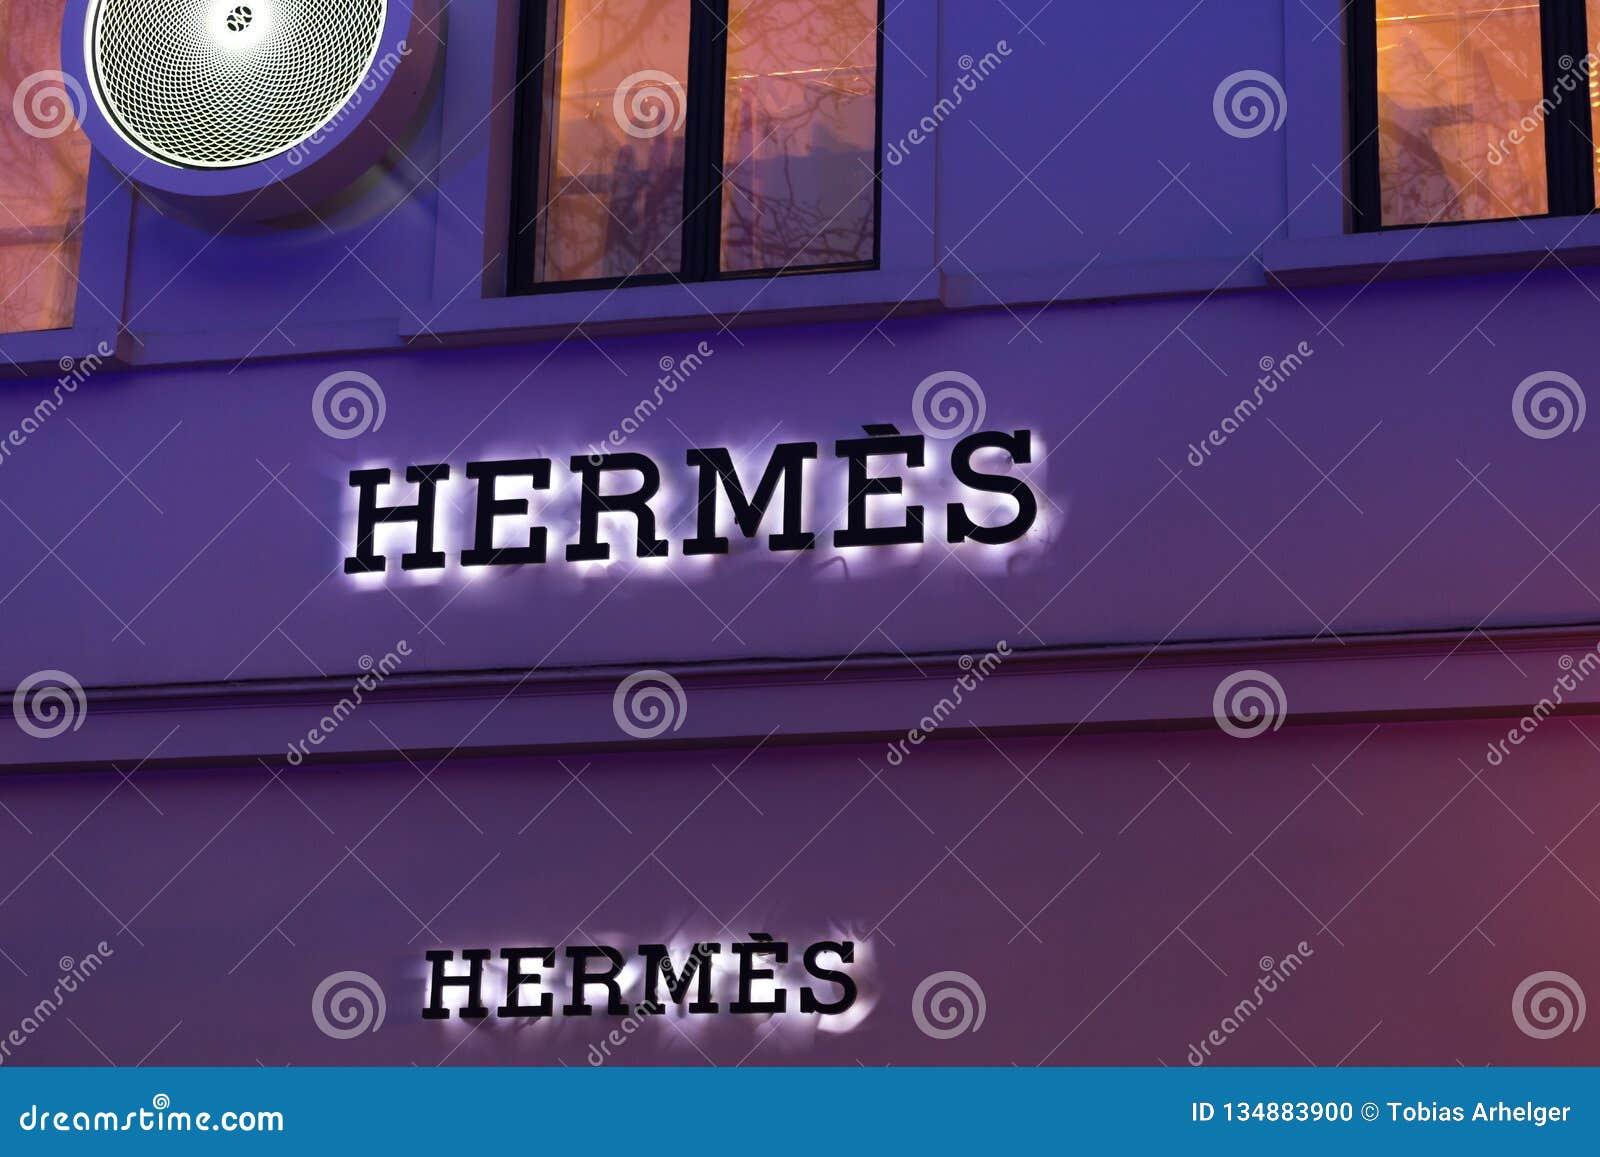 Βρυξέλλες, Βρυξέλλες/Βέλγιο - 13 12 18: Σημάδι καταστημάτων Hermès στις Βρυξέλλες Βέλγιο